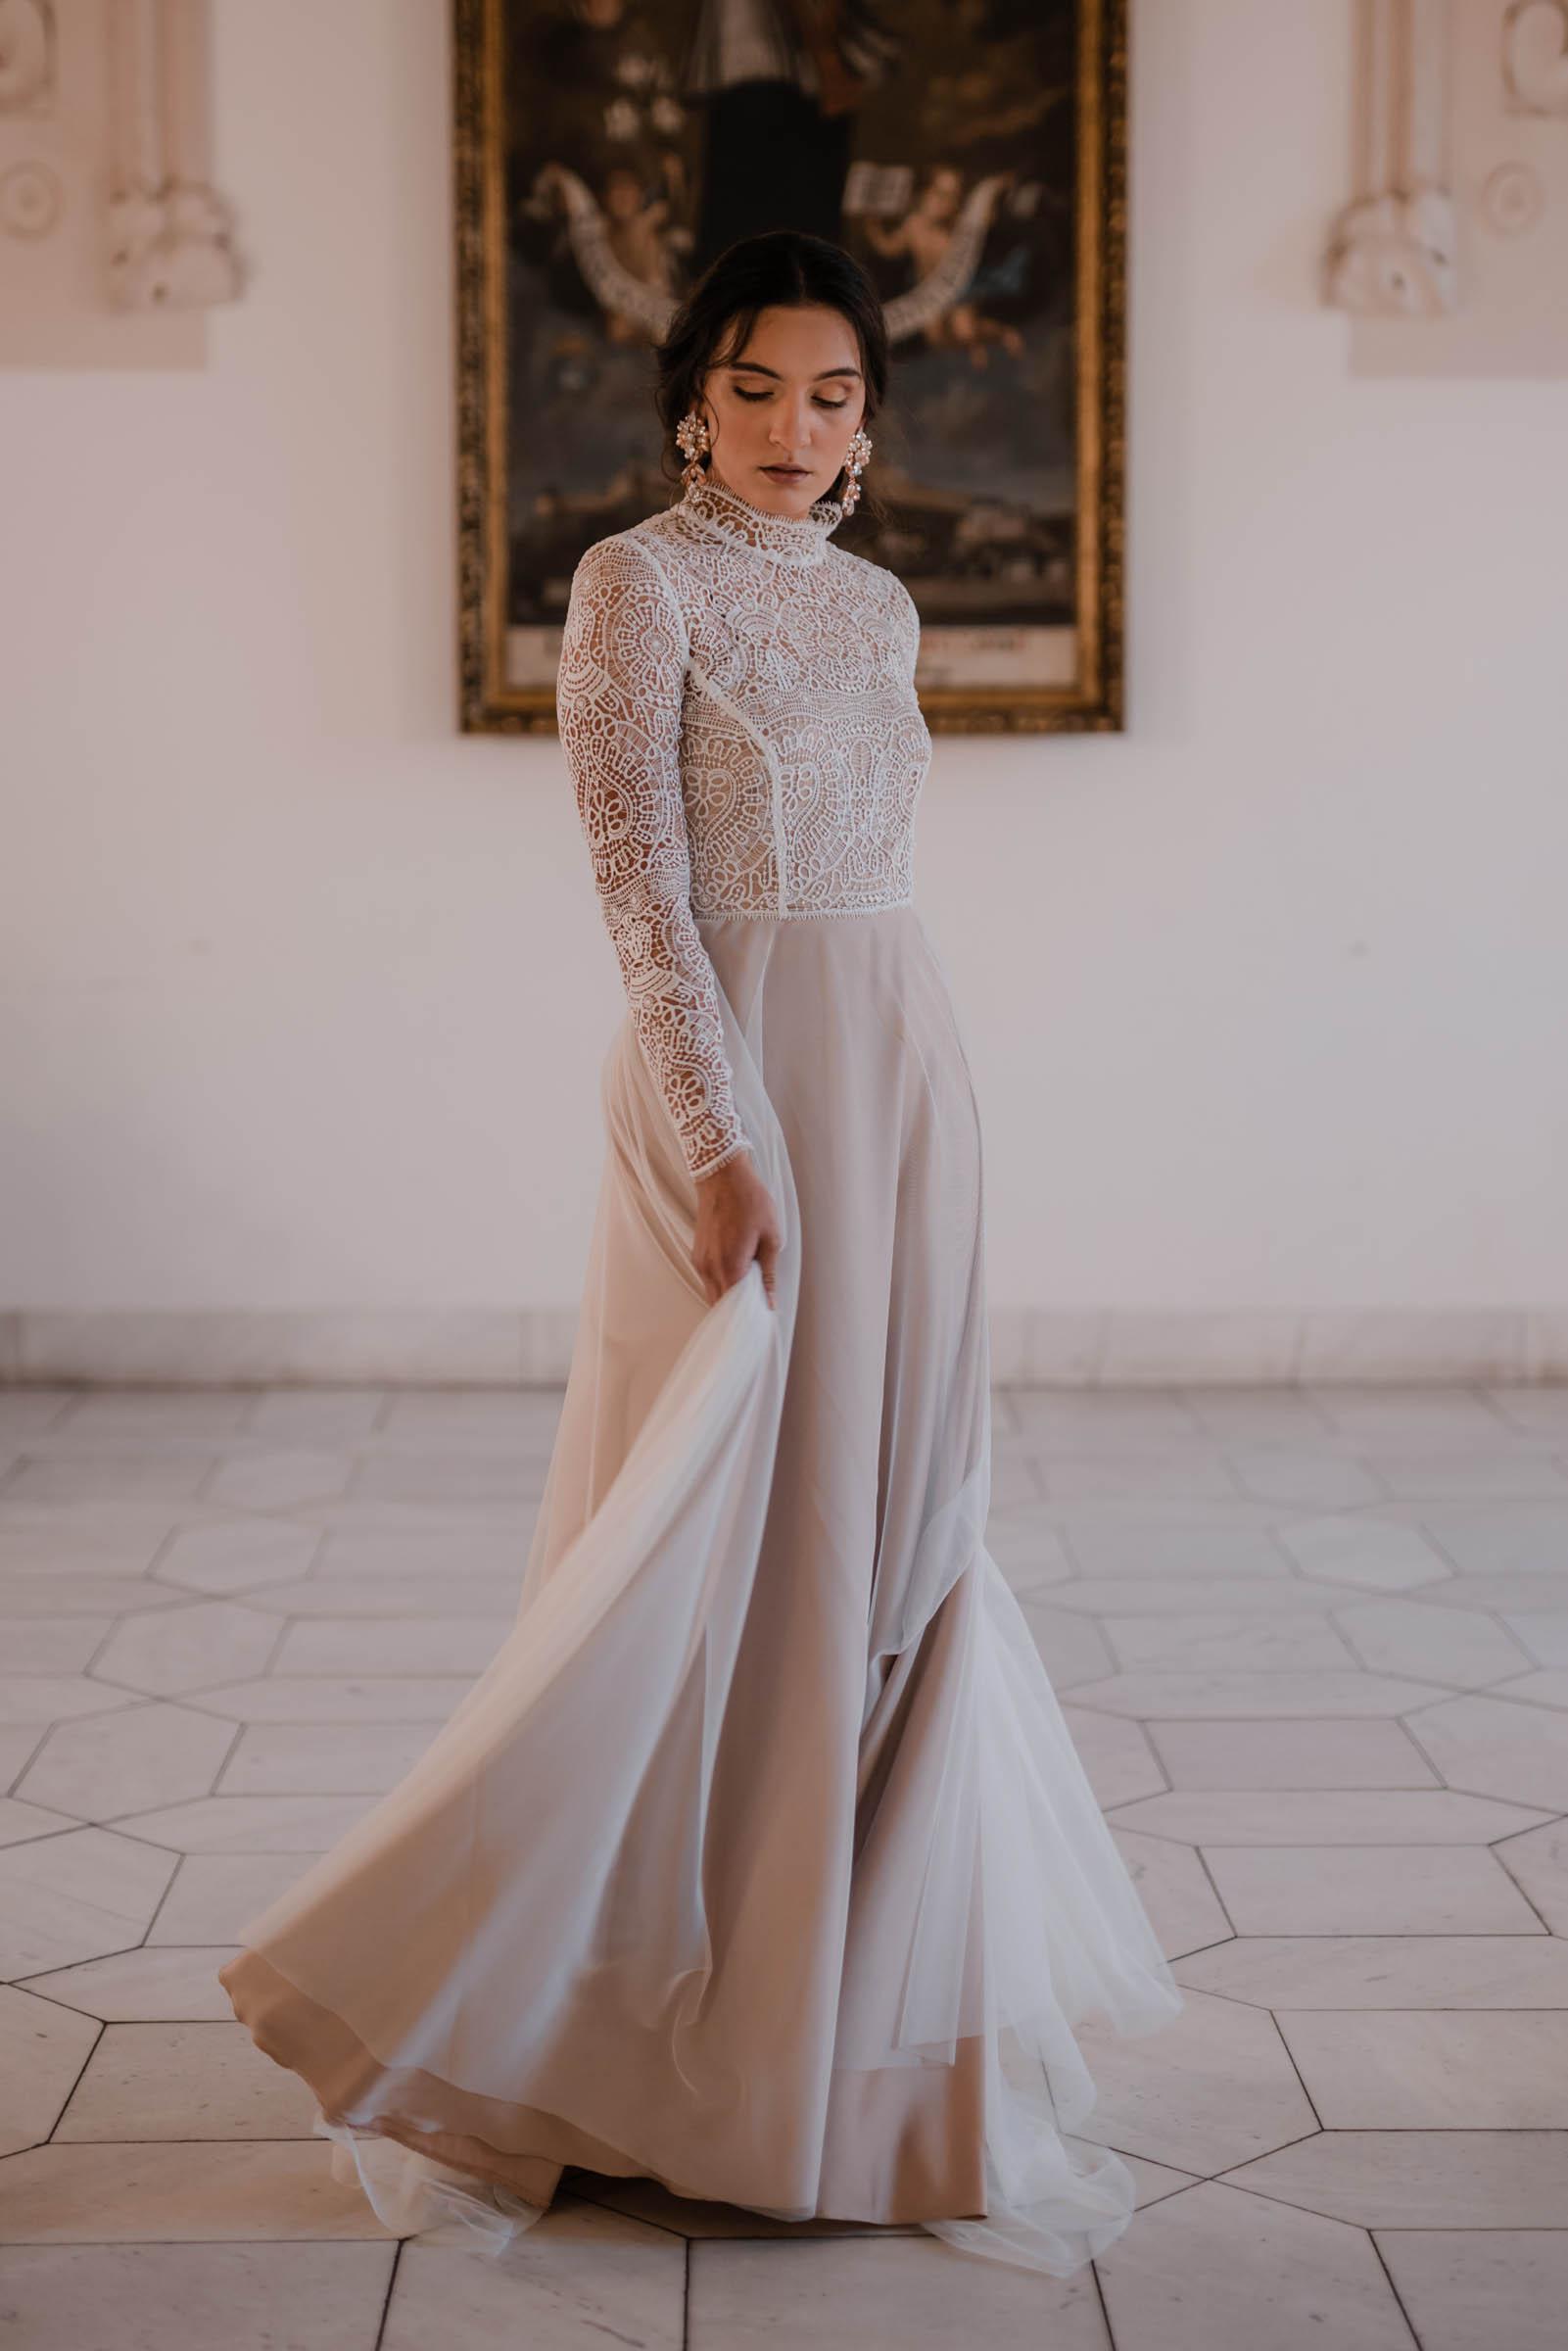 boho-svadobne-saty-veronika-kostkova-wedding-atelier-2019-charo-3